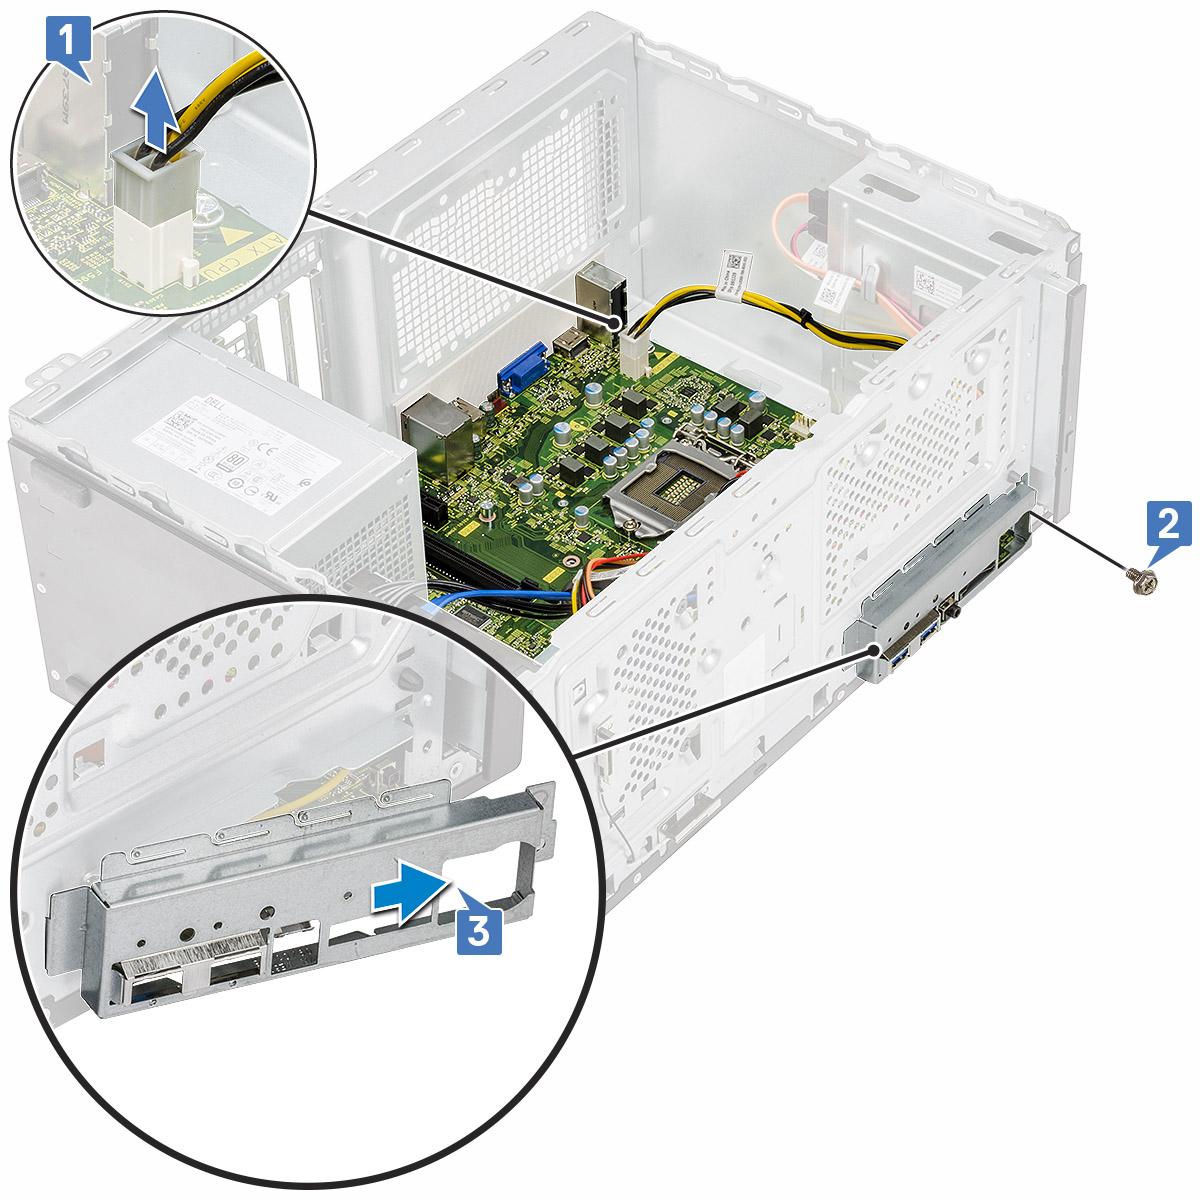 I/Oパネル カバーをコンピューターに固定しているネジの取り外しを示す図。